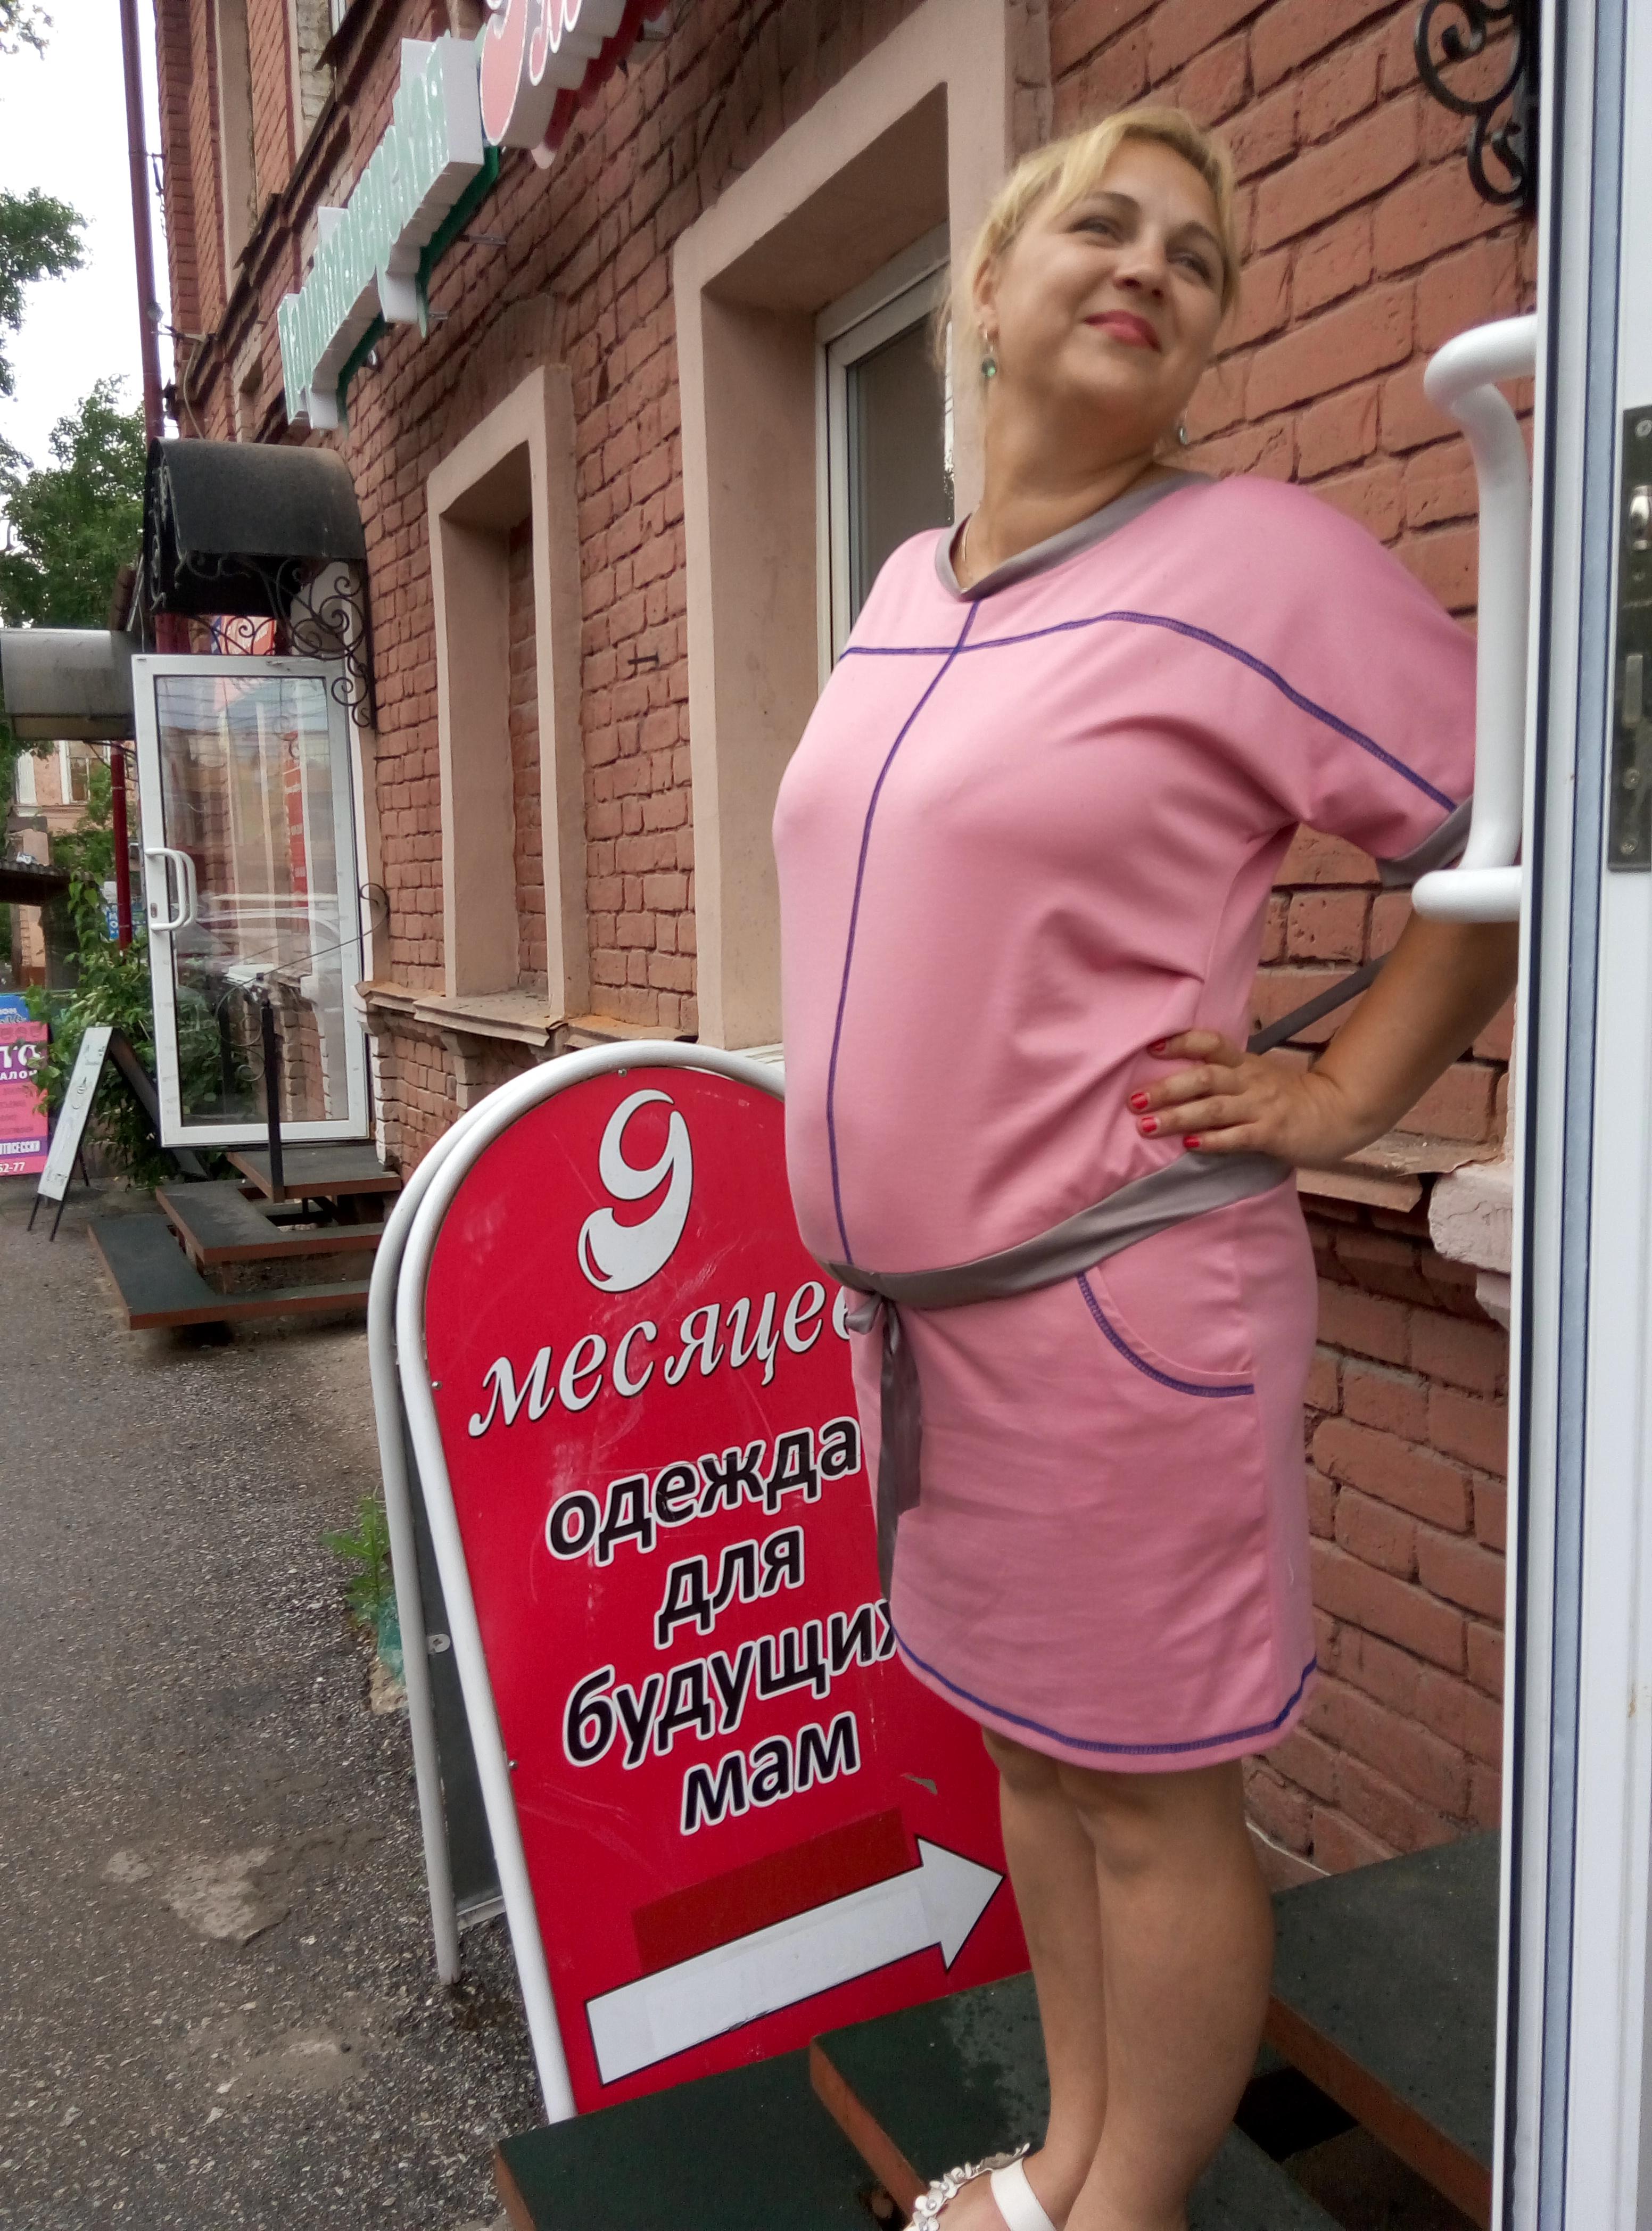 Платье трикотажное, производство Киргизия, рр 44, 46, 48, 52 , цена 1550 руб, цвет розовый